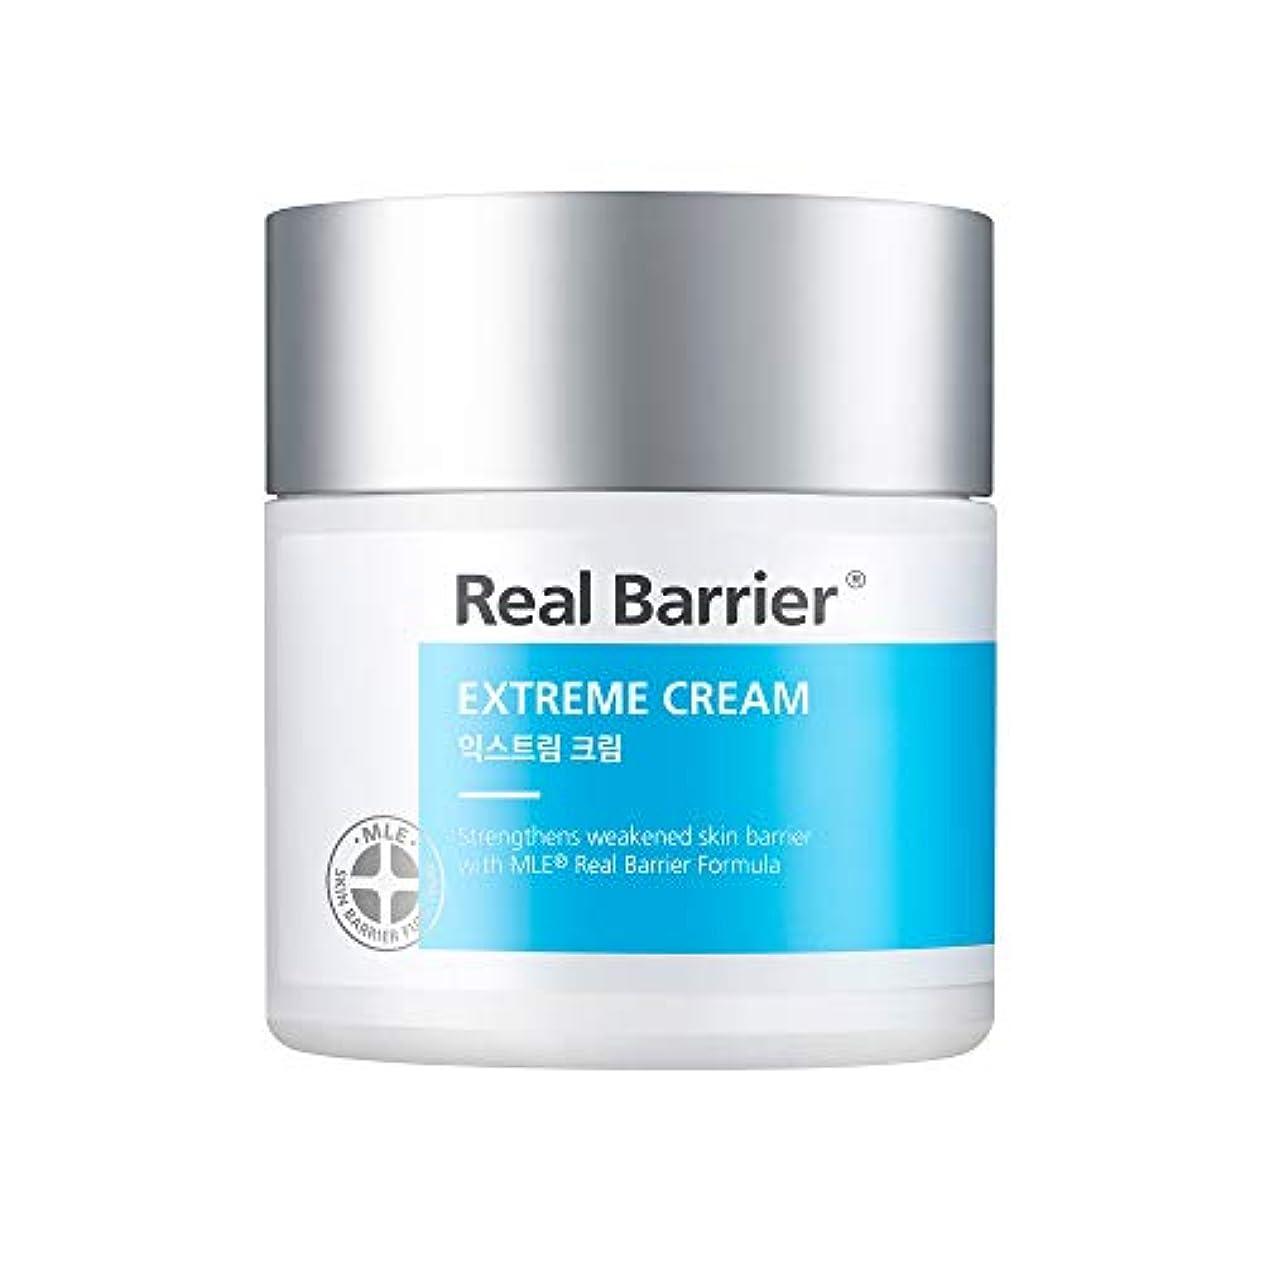 に勝る勝つサポートアトパーム(atopalm) リアルベリアエクストリームクリーム/Atopam Real Barrier Extreme Cream